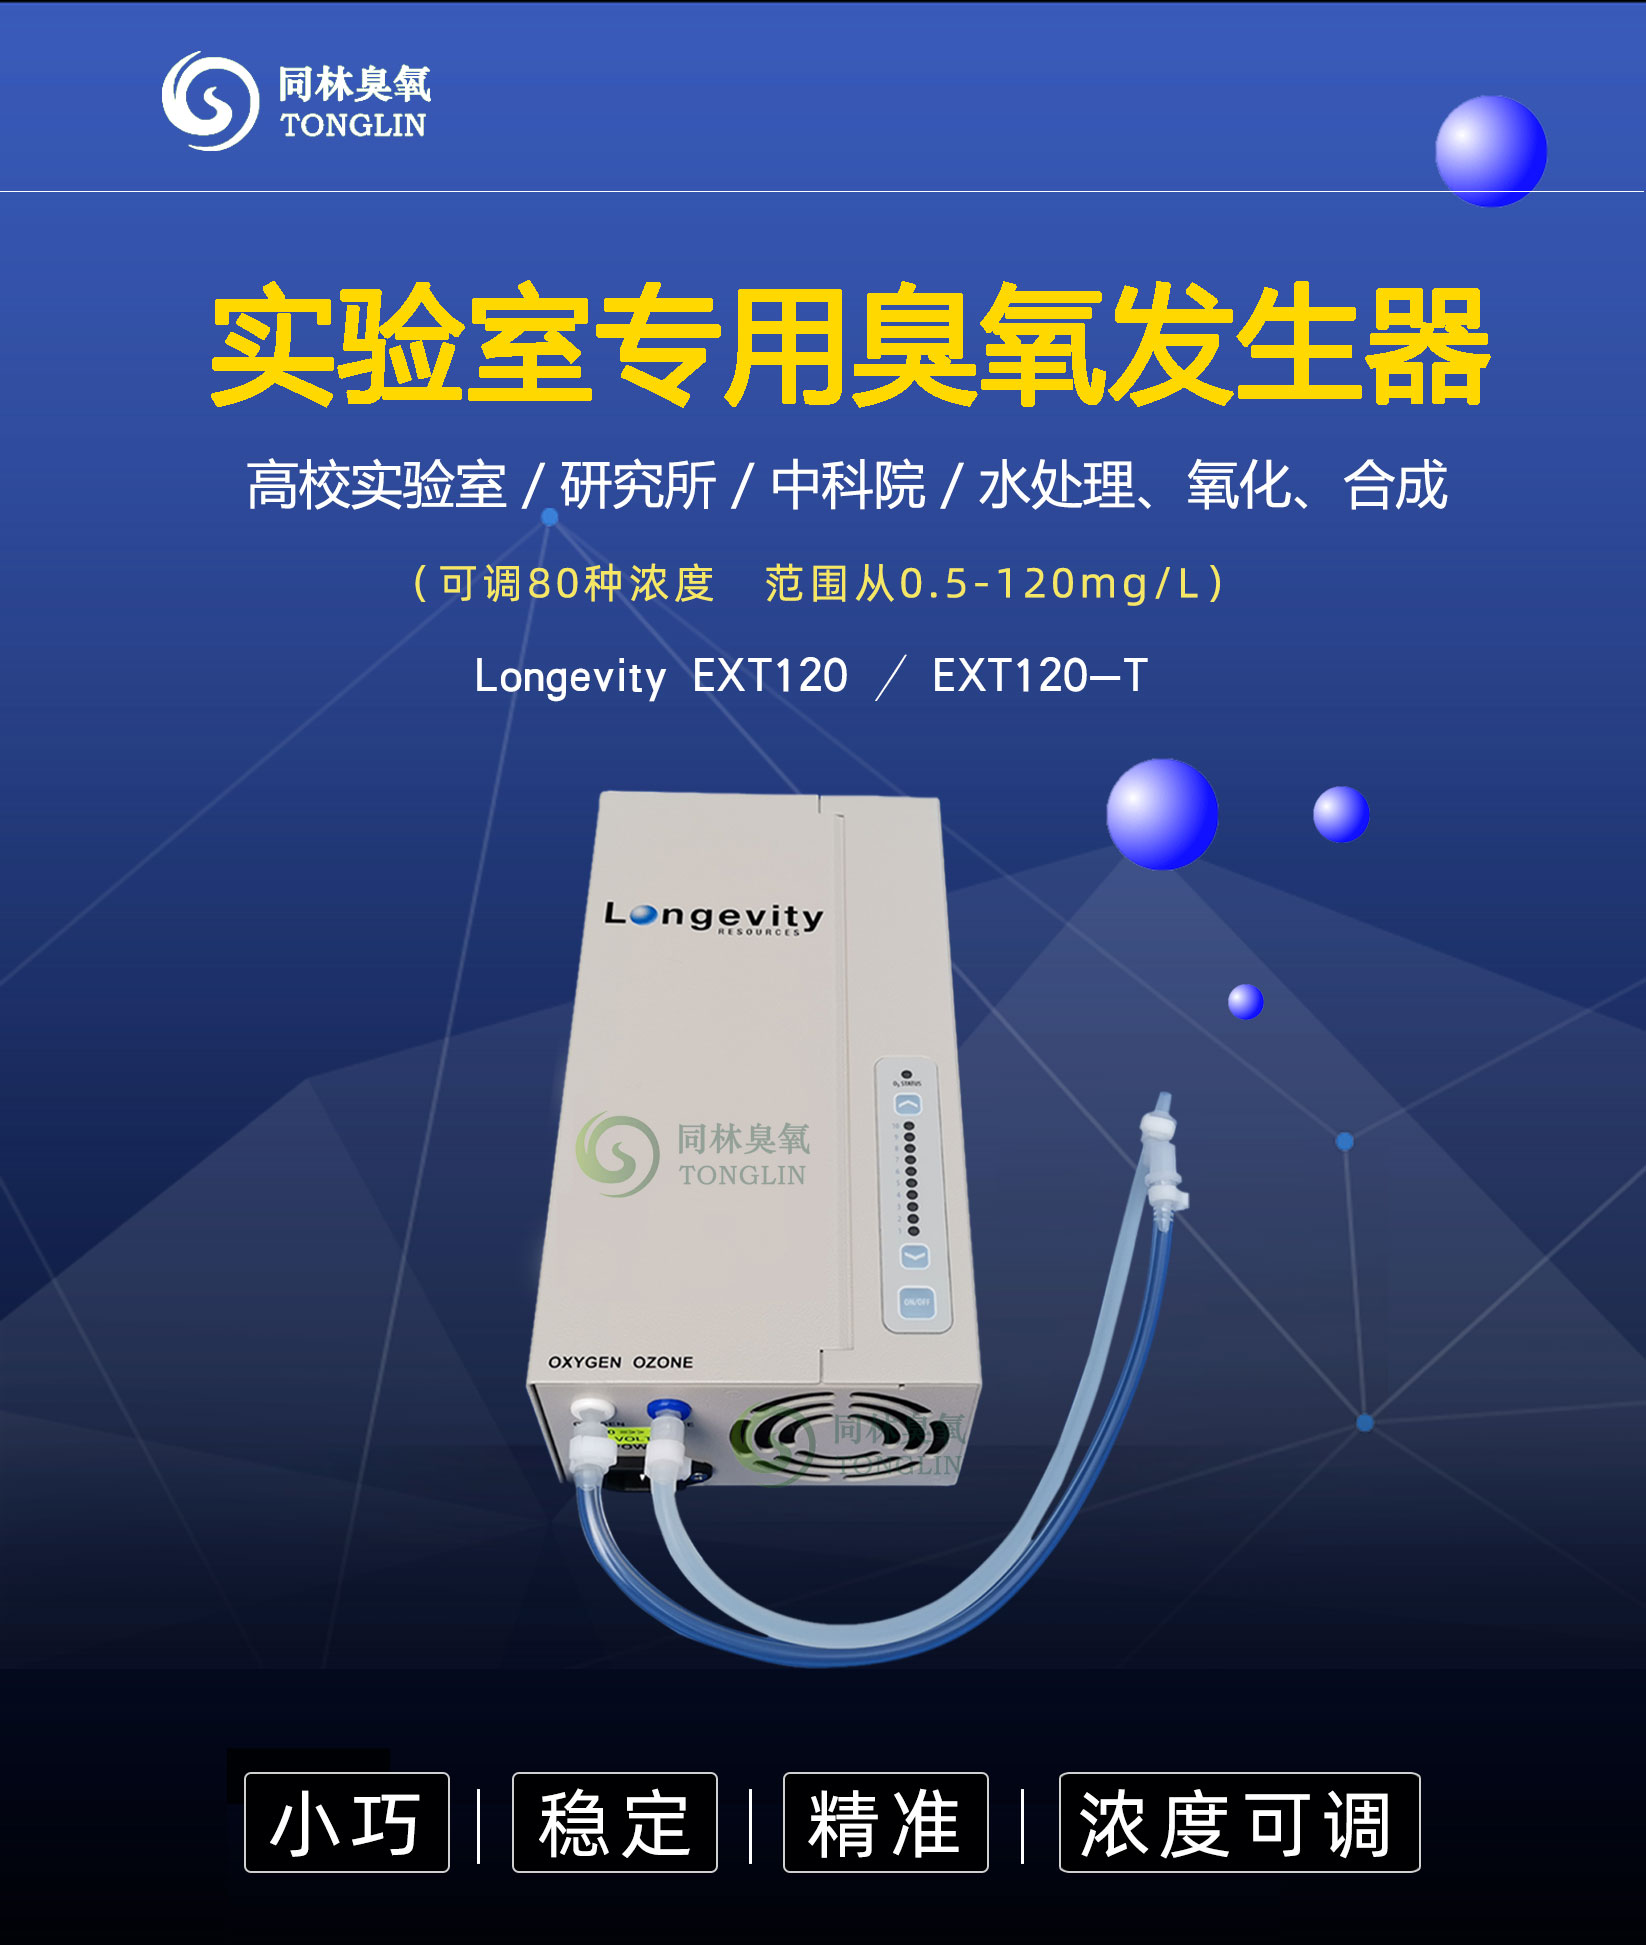 加拿大Longevity EXT120高精度9992019银河国际(10档浓度可调)